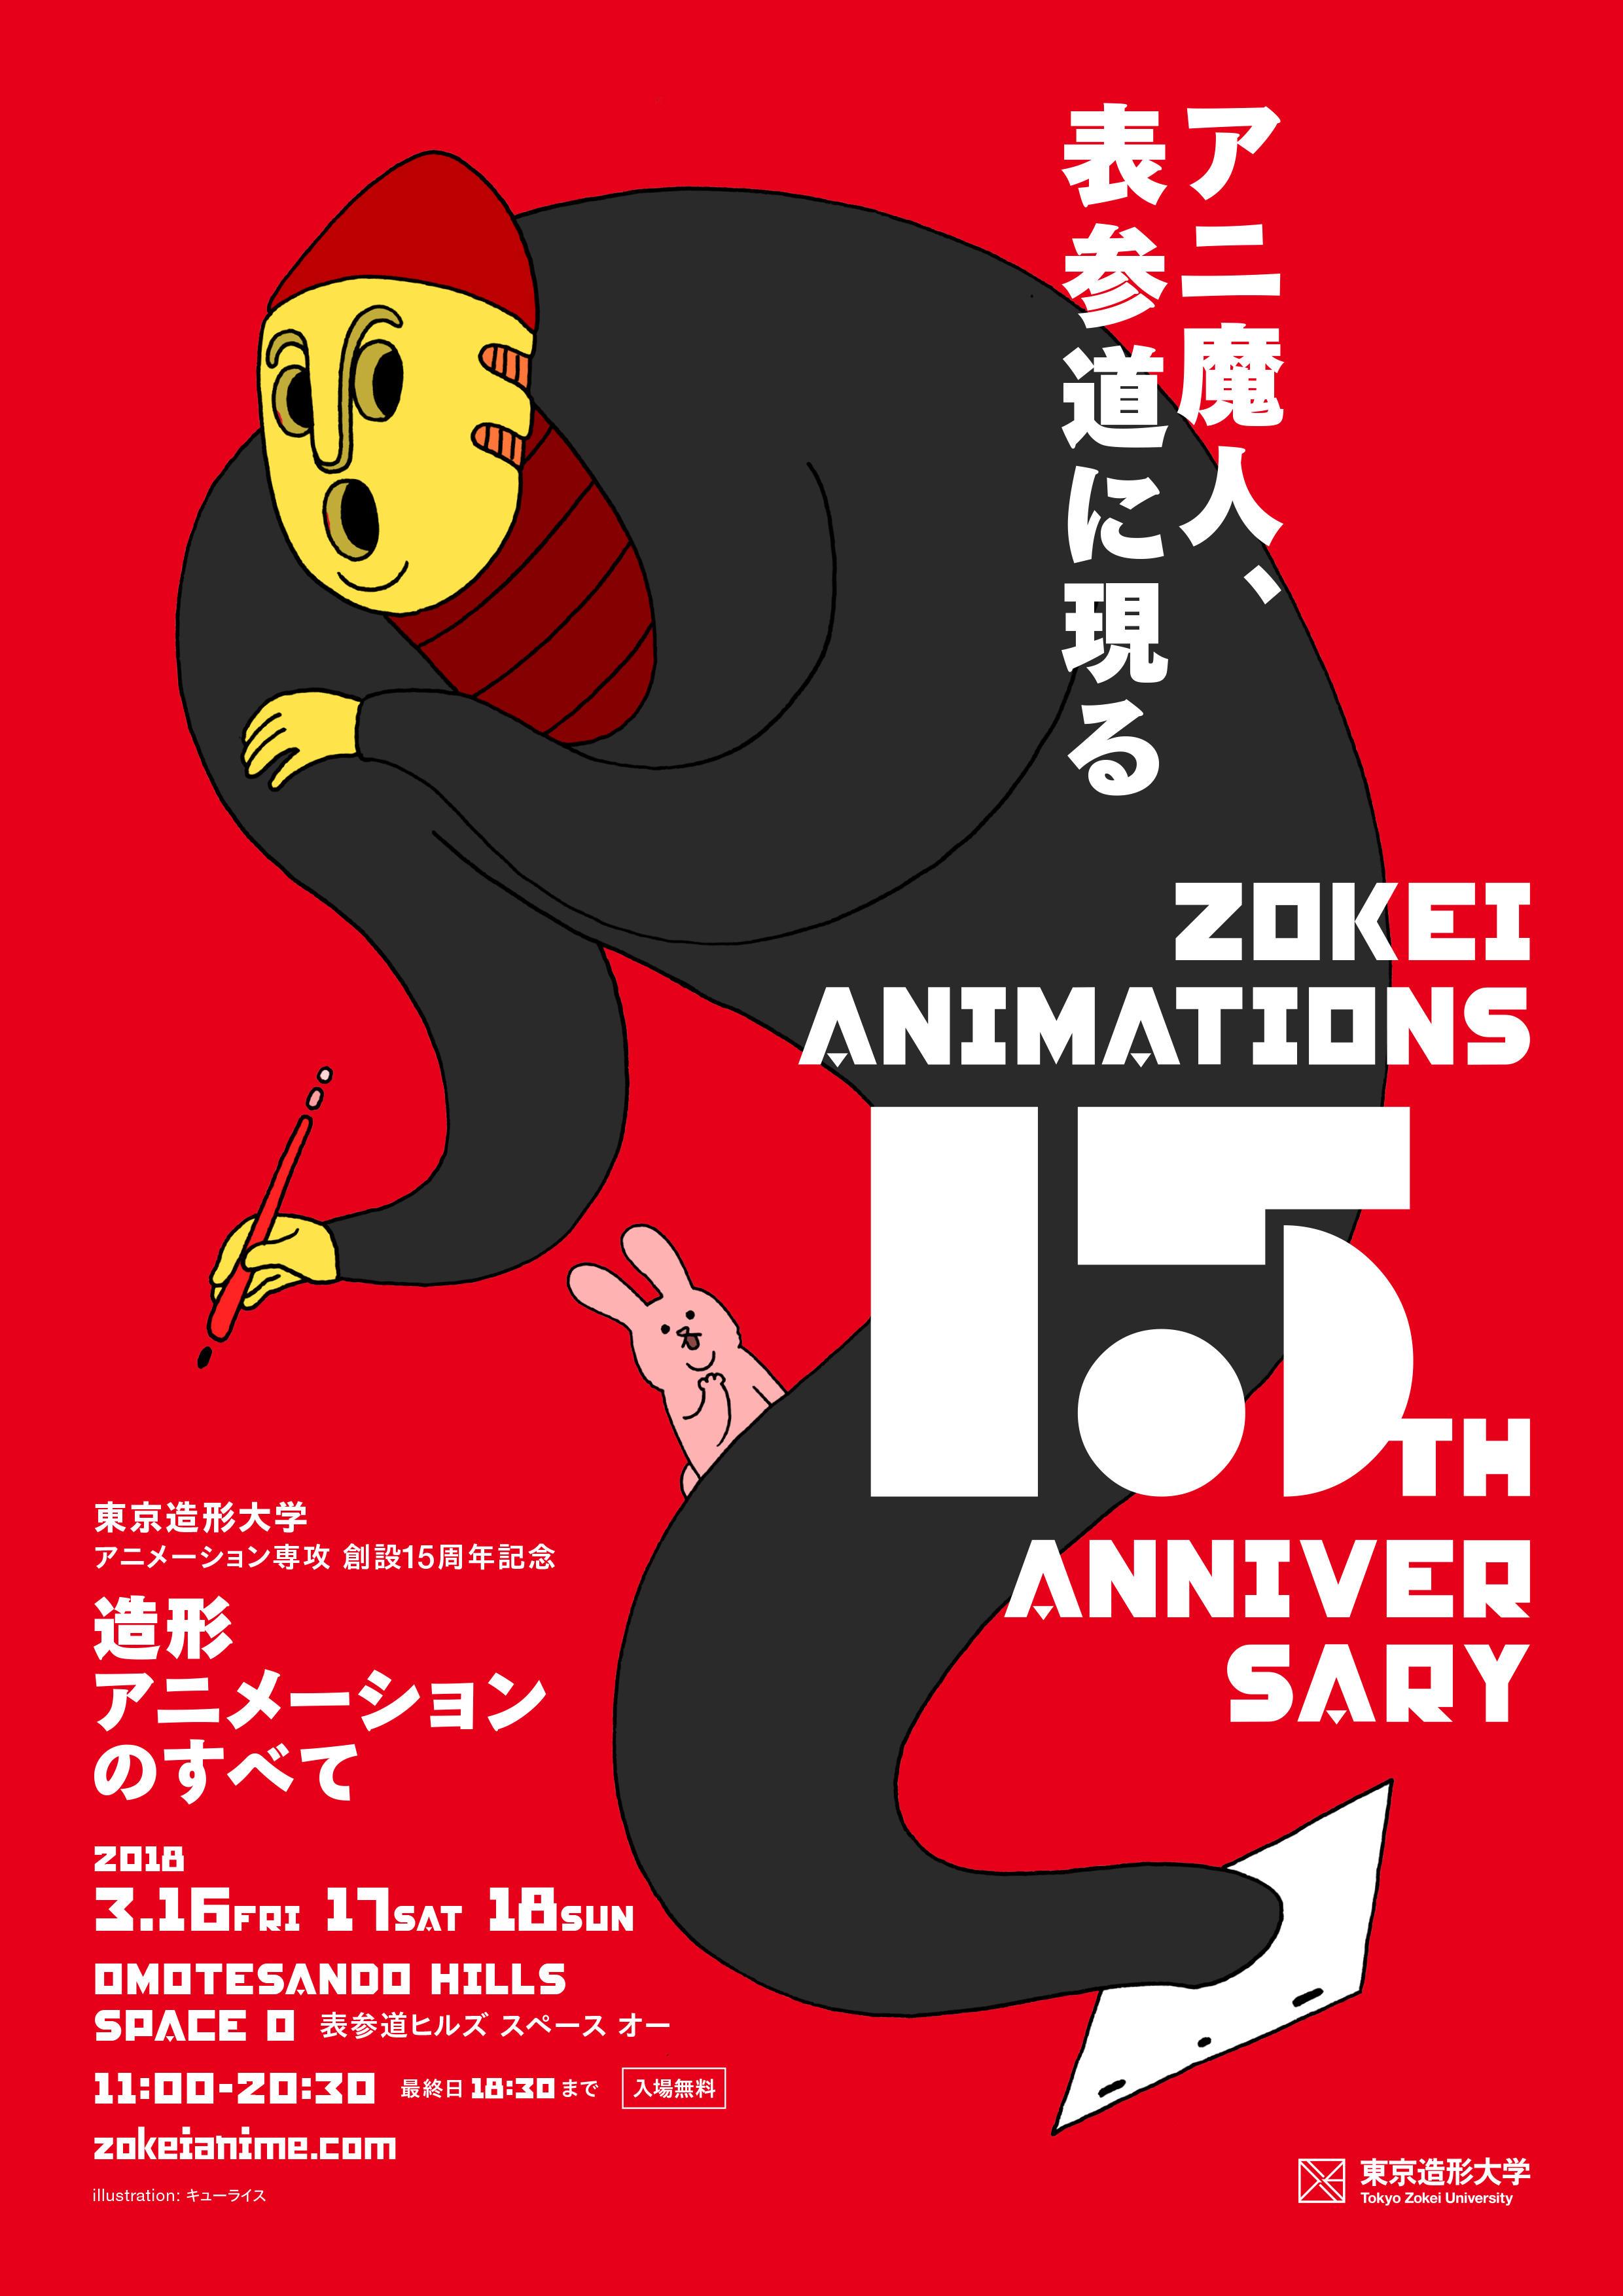 アニ魔人が表参道に現る?!東京造形大学 アニメーション専攻領域創設15周年記念「造形アニメーションのすべて」を開催